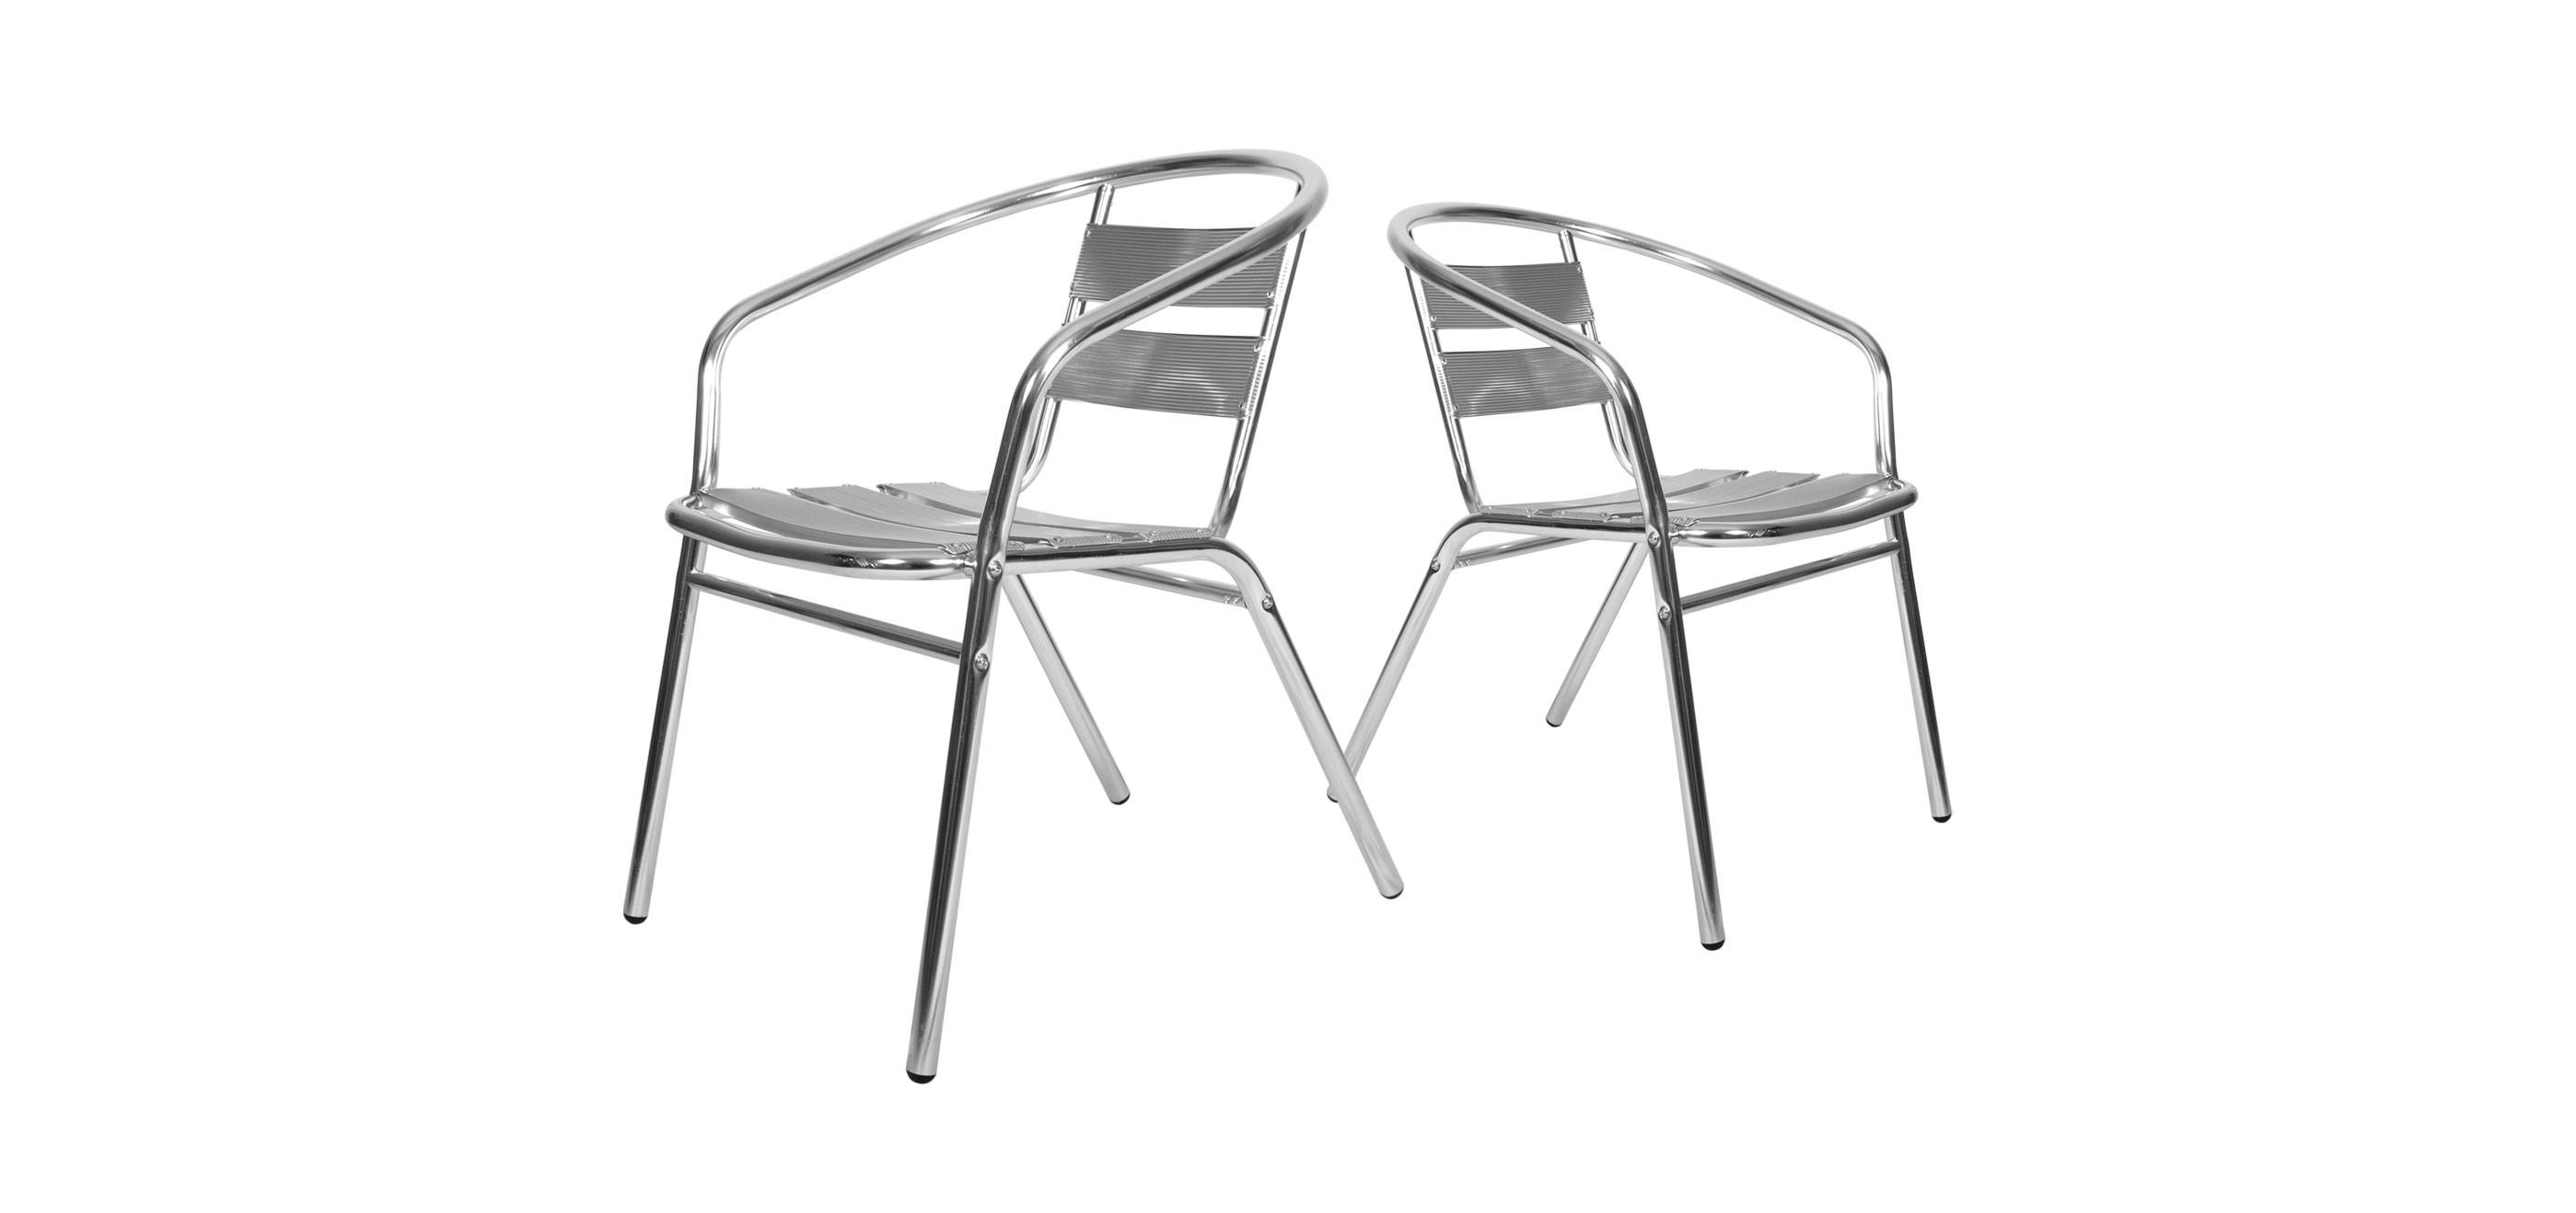 Chaise bistrot : découvrez nos lots de chaises bistrots en aluminium ...